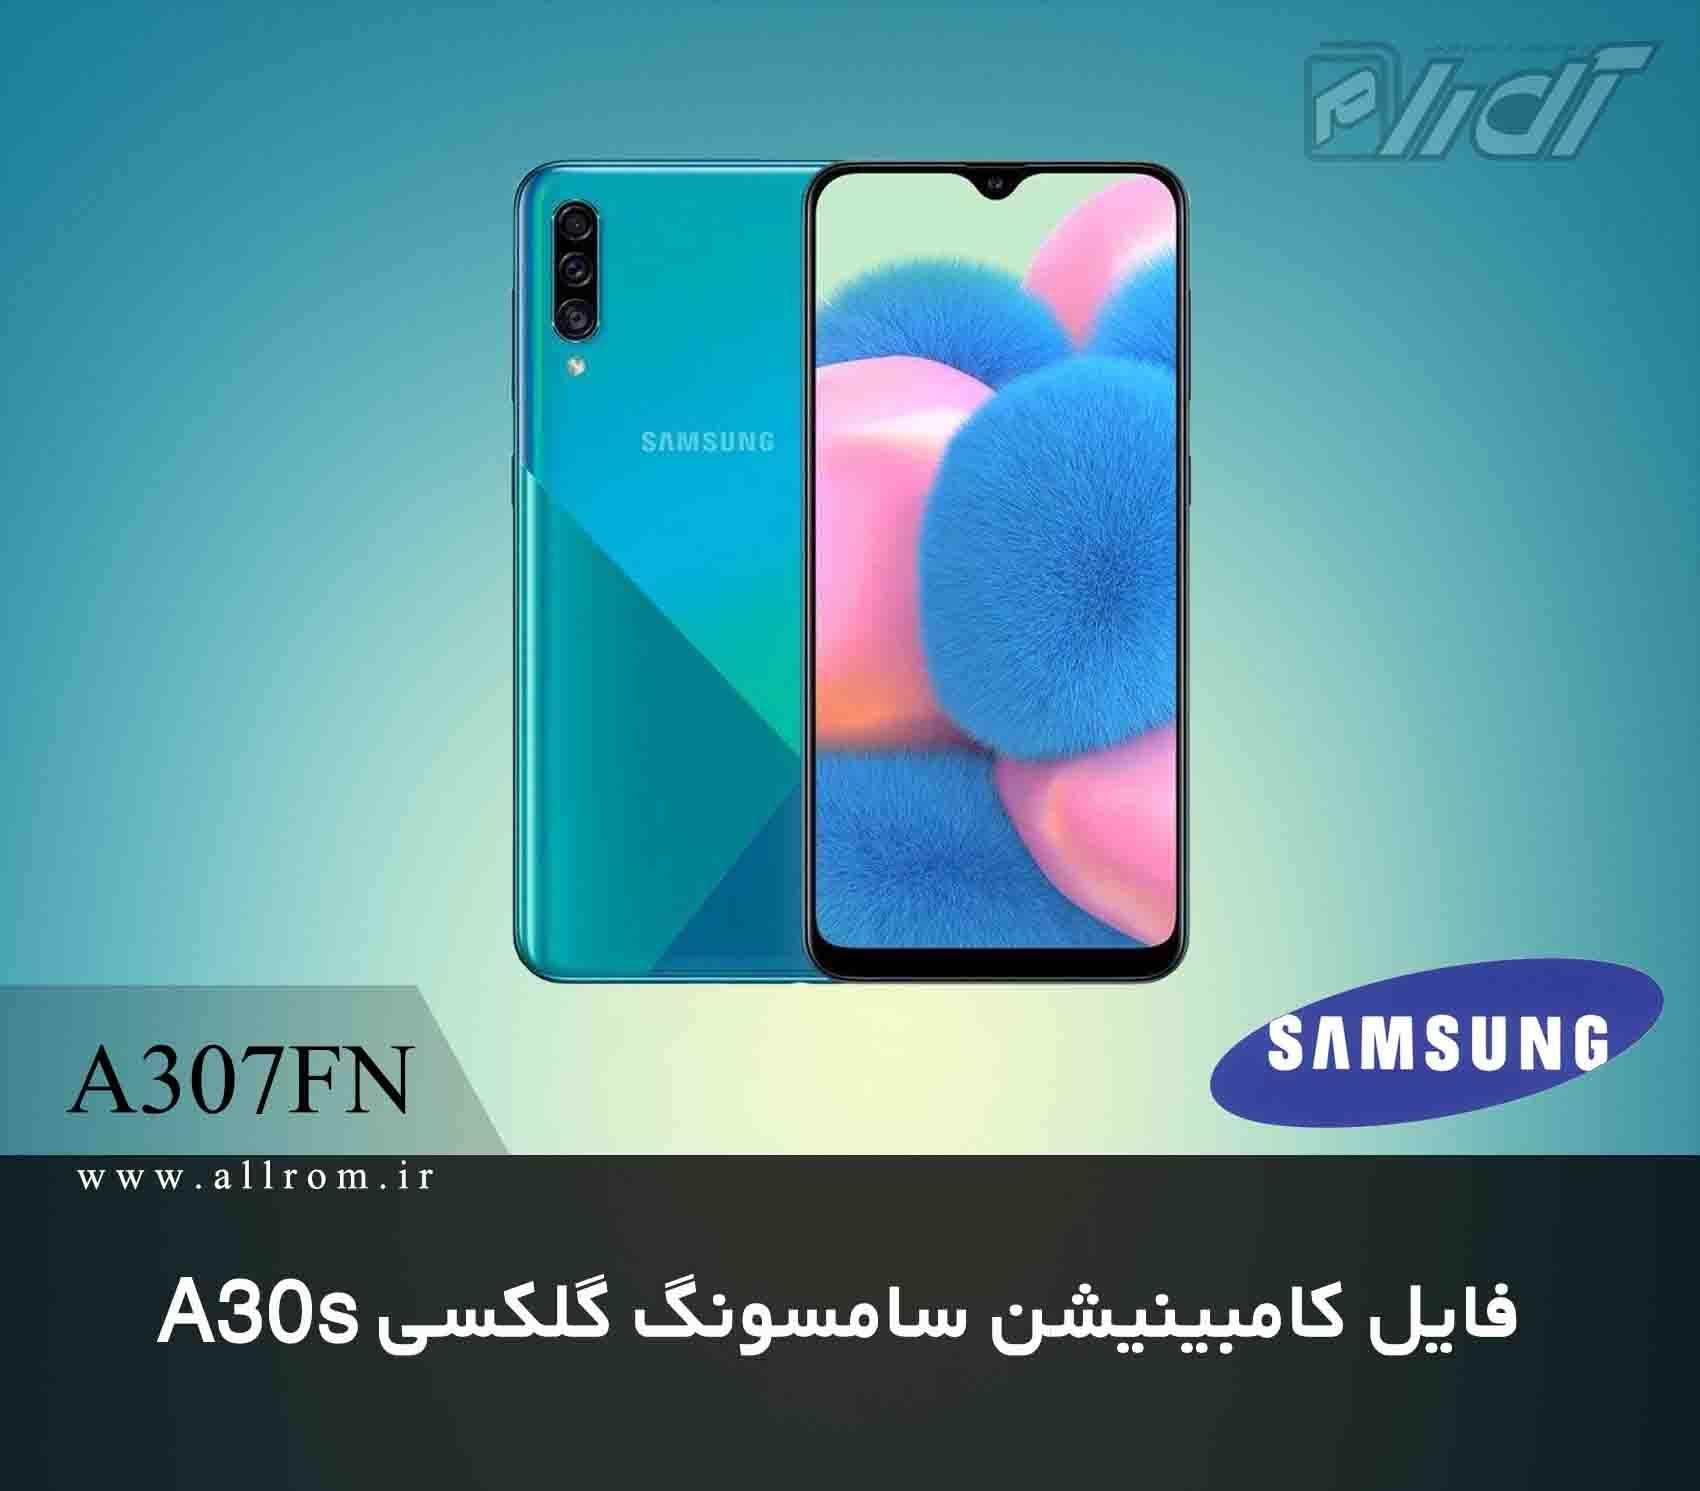 دانلود رام فایل کامبینیشن Samsung Galaxy A30s A307FN